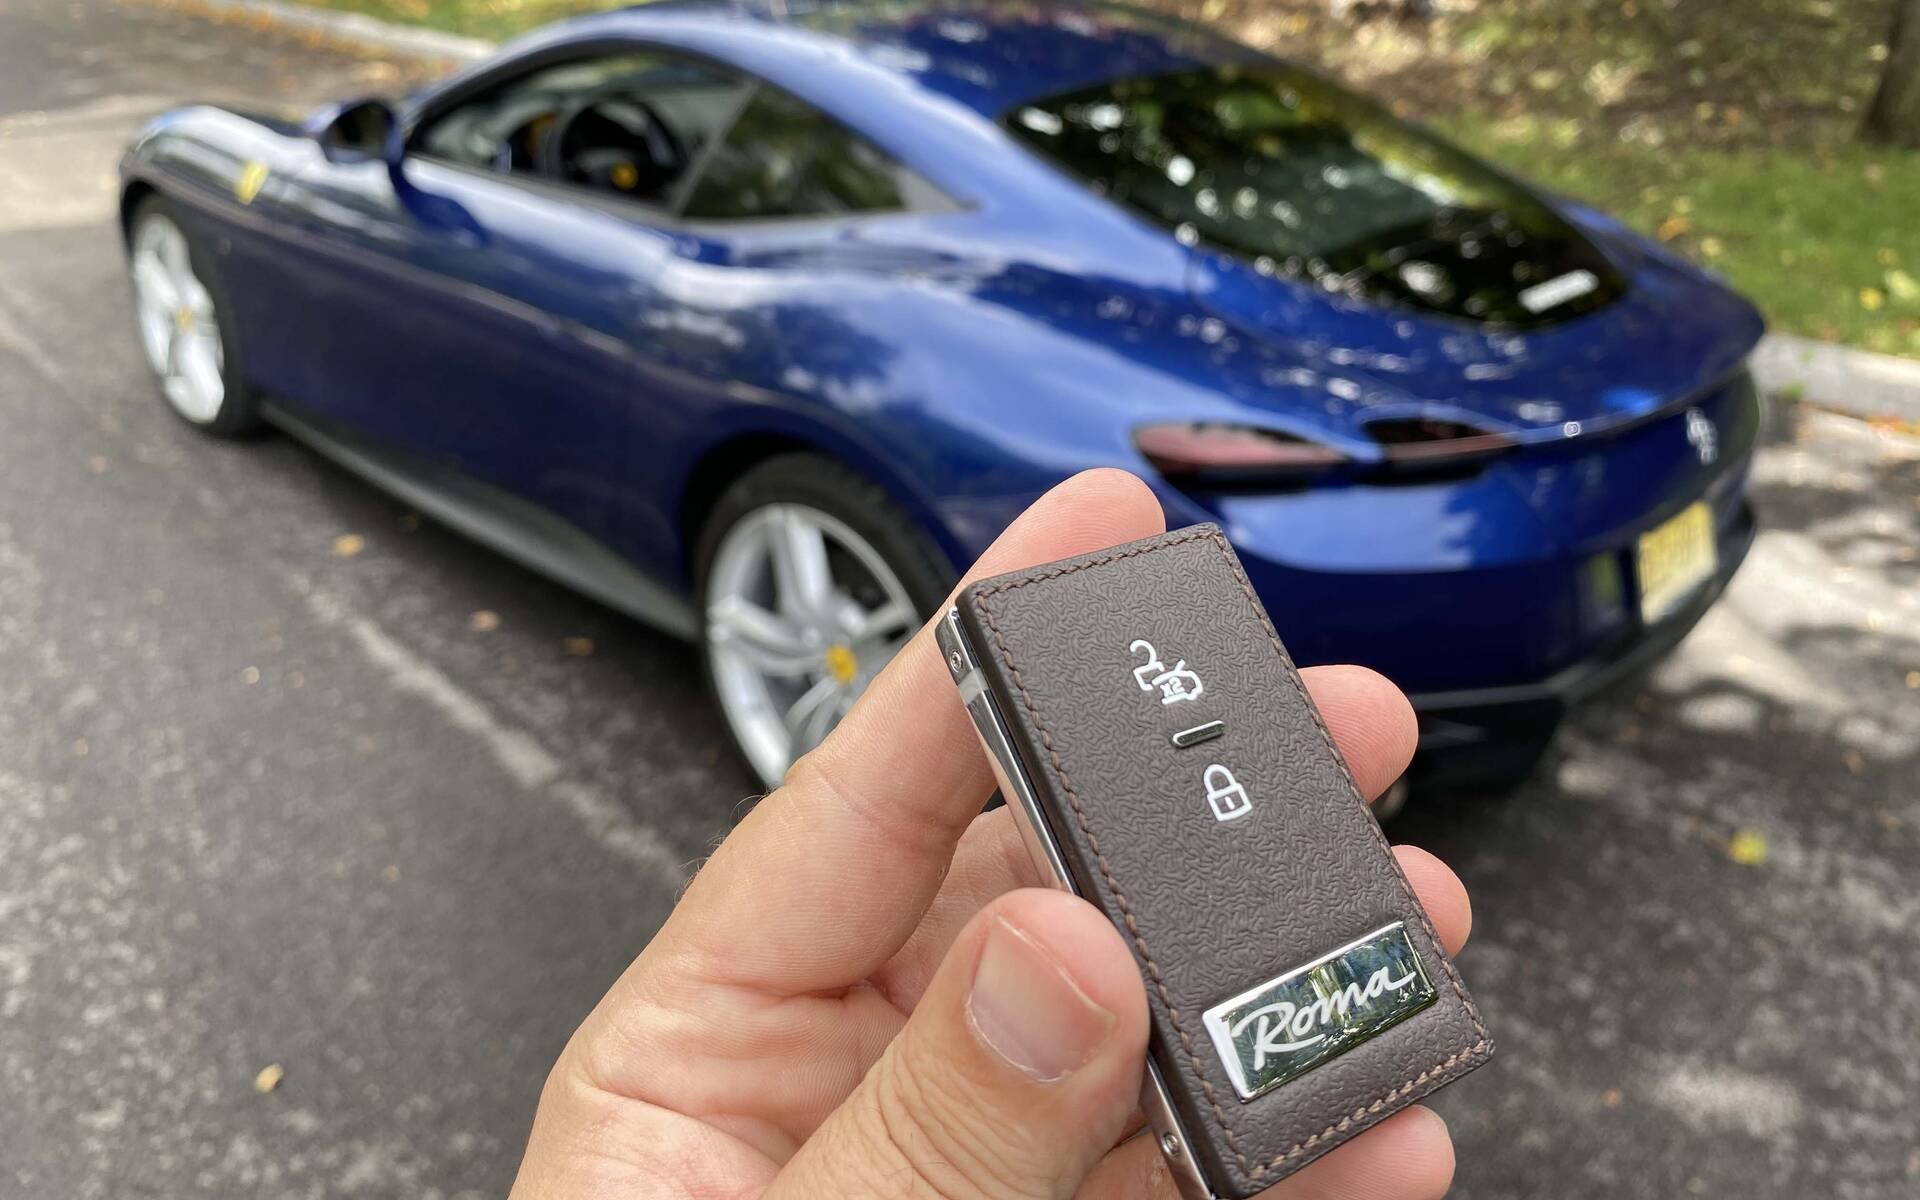 Top 10 des marques de voitures les plus luxueuses au monde, celles que tu ne posséderas jamais · 1. Une nouvelle taxe sur les voitures de luxe entrera en